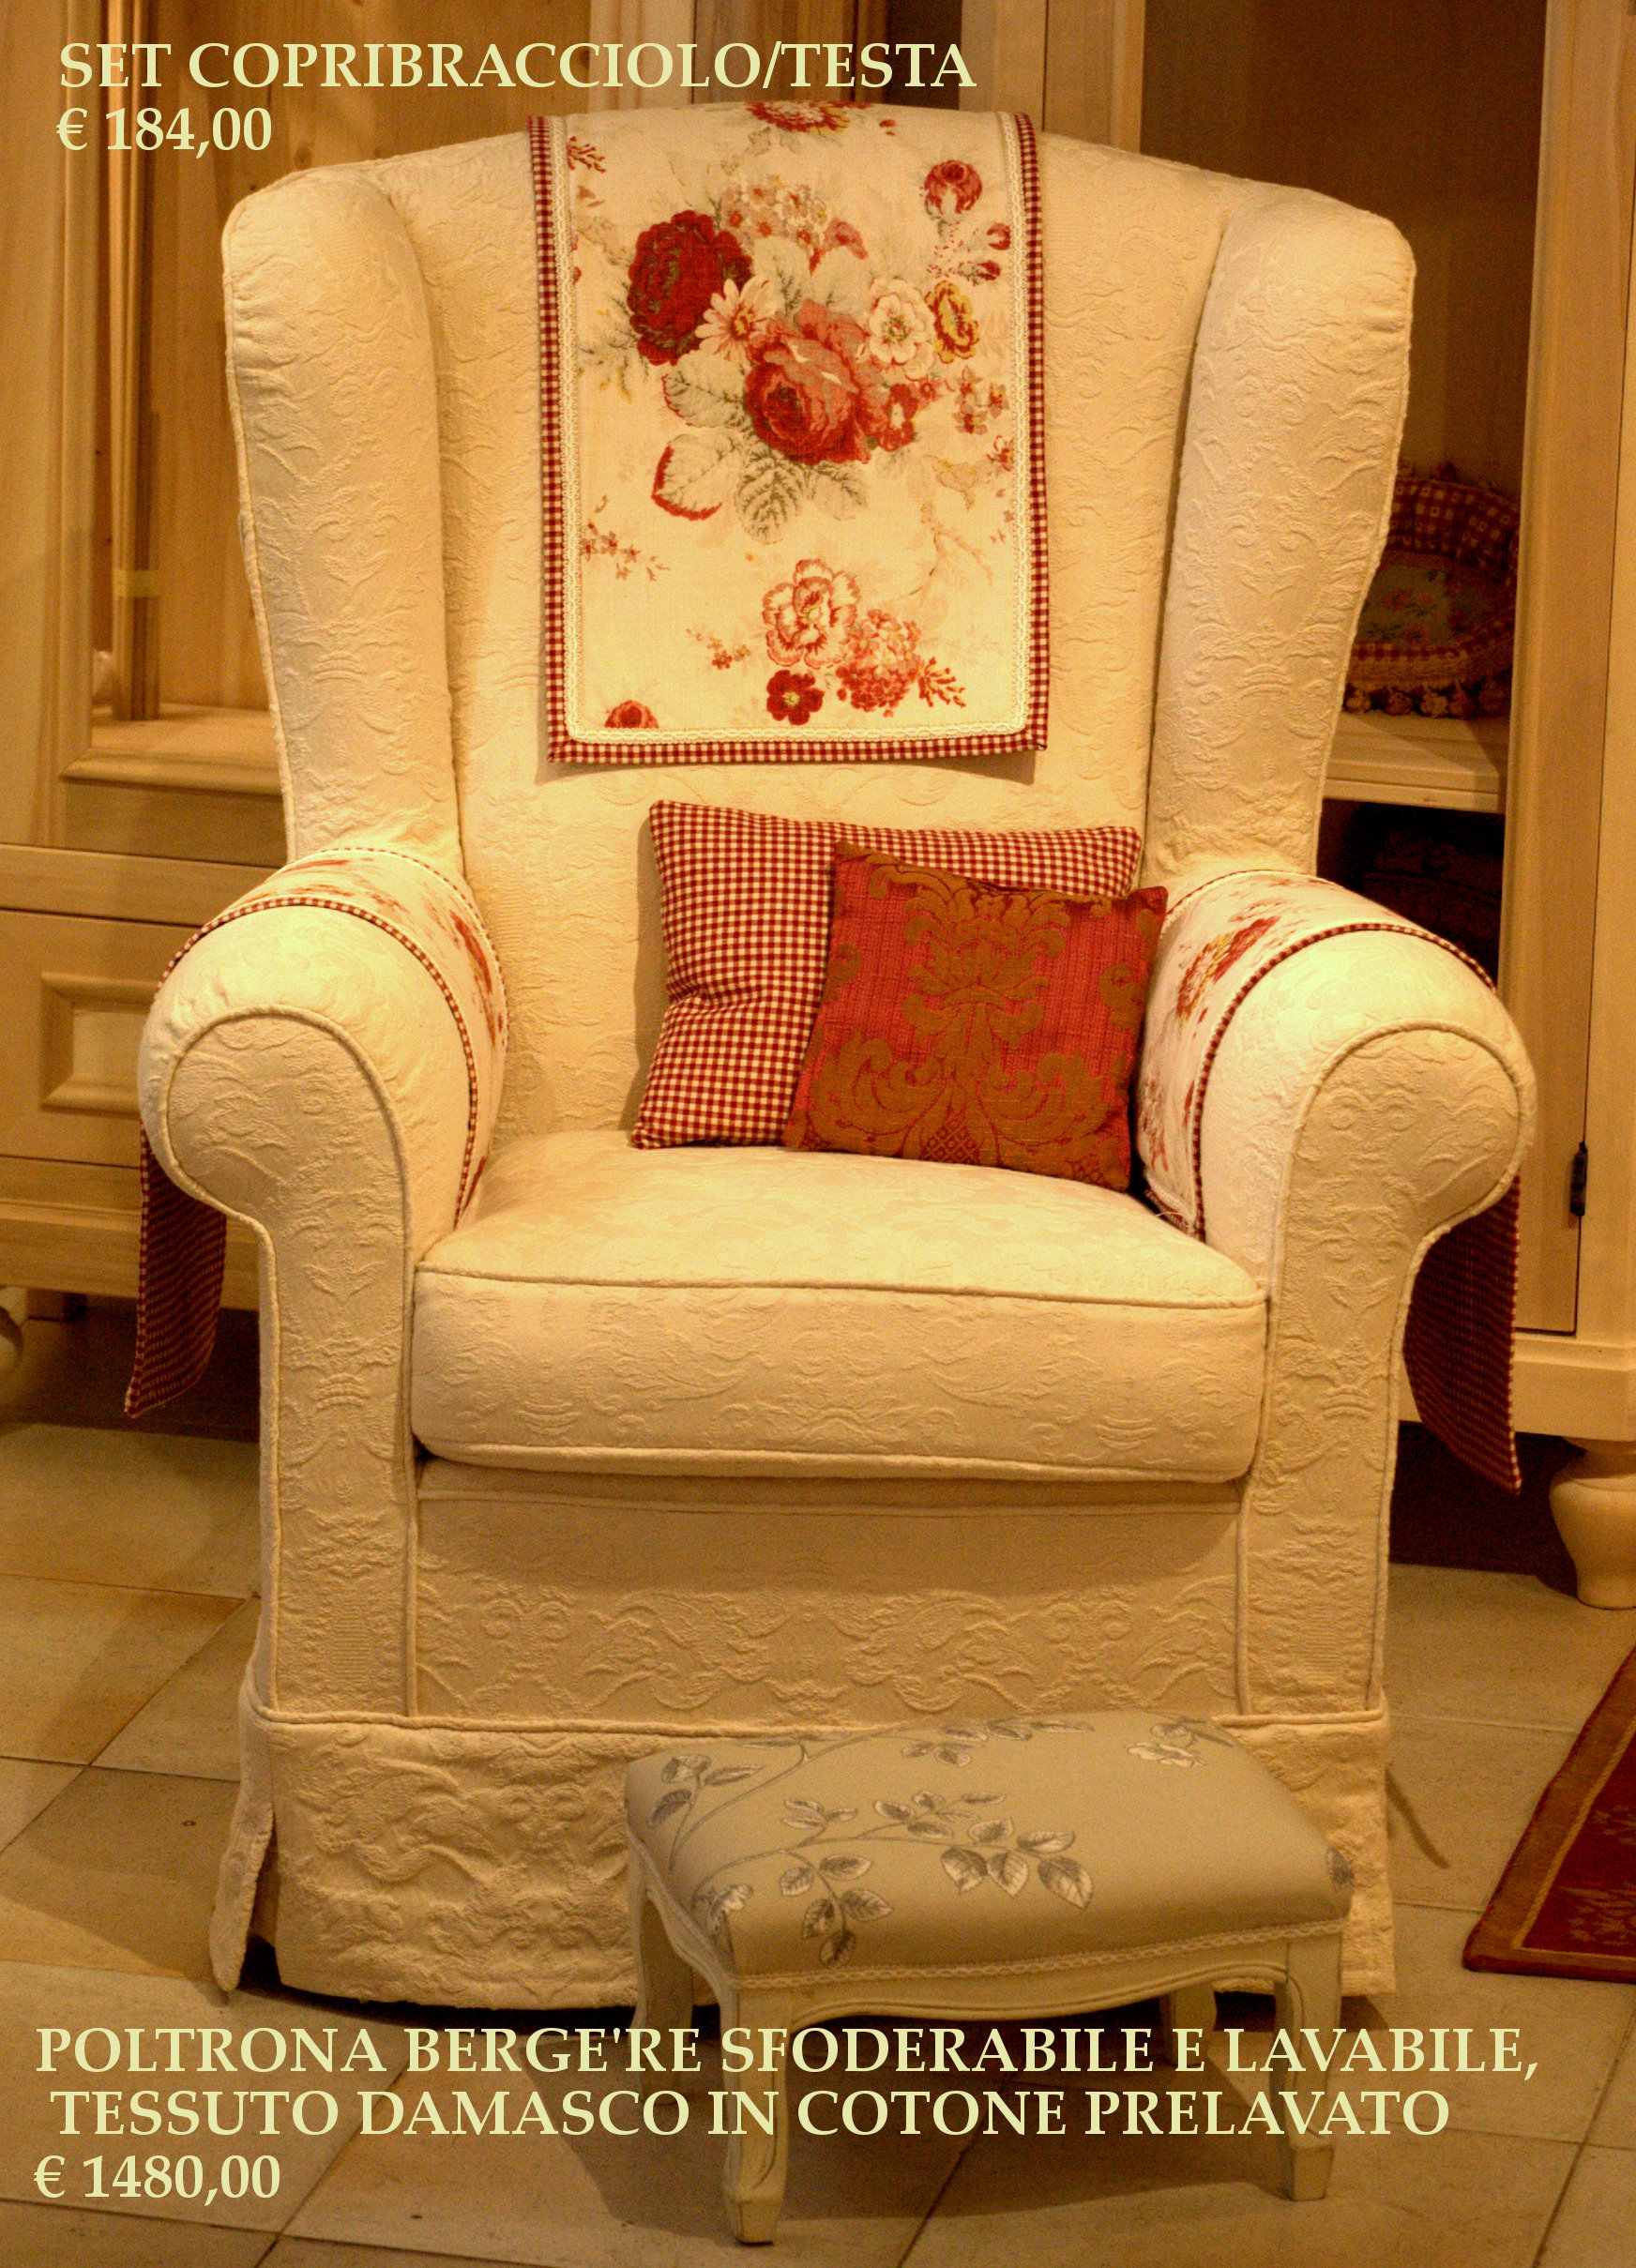 La tappezzeria a trieste rinnovo divani poltrone - Tessuti per divani vendita on line ...